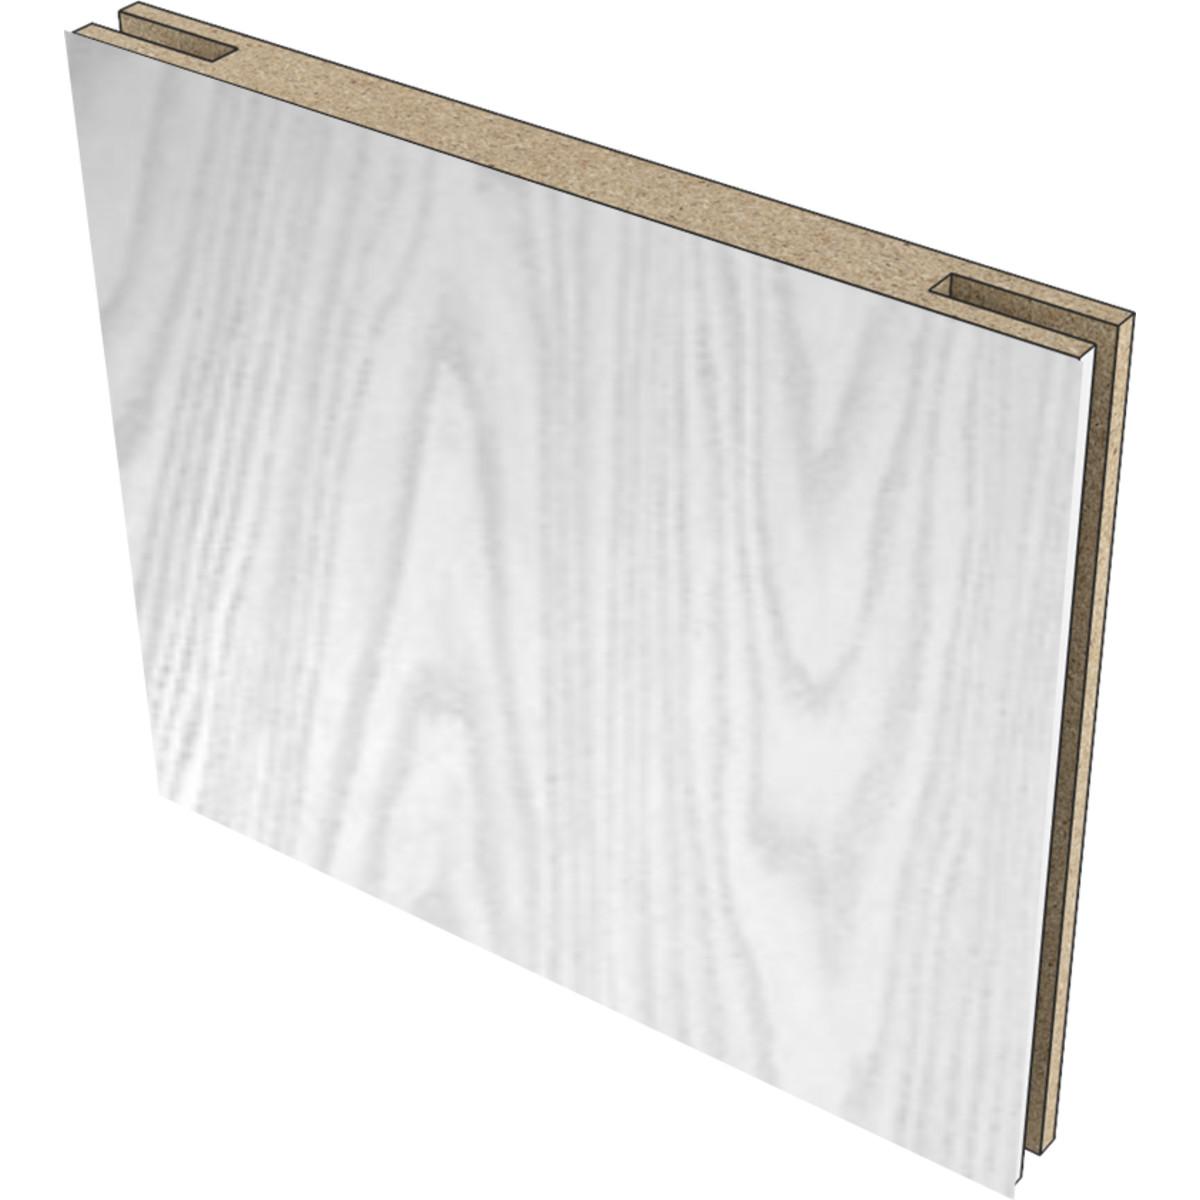 Добор дверной коробки телескопический 2070x200x10 мм экошпон цвет белый